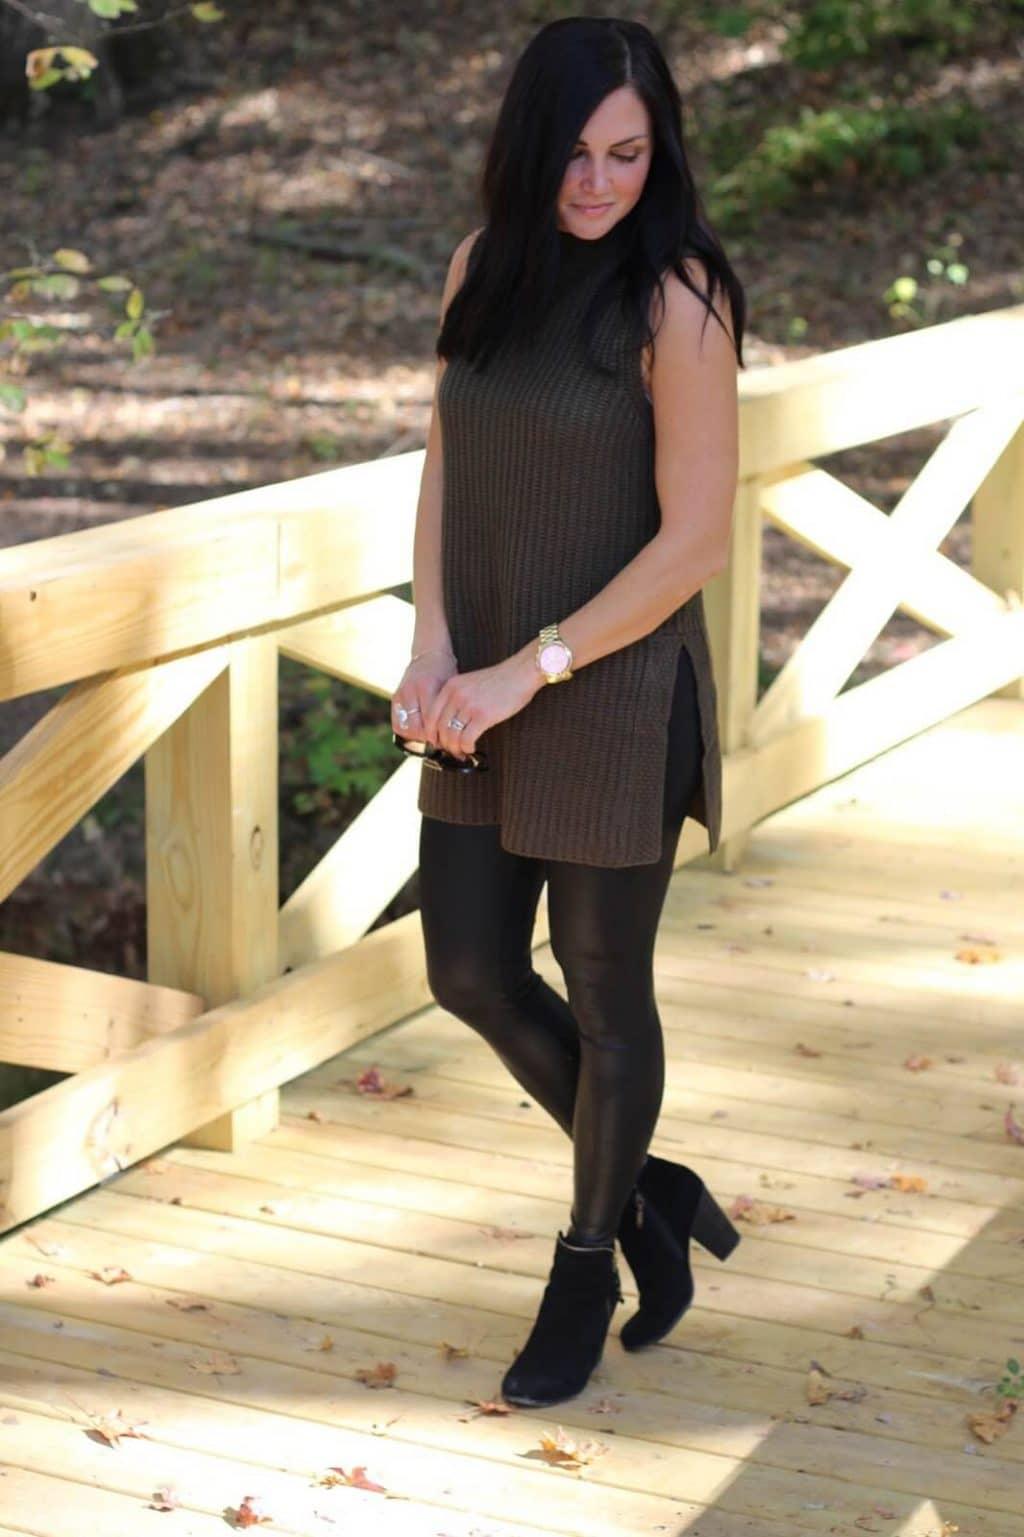 Versatile black booties, leather leggings